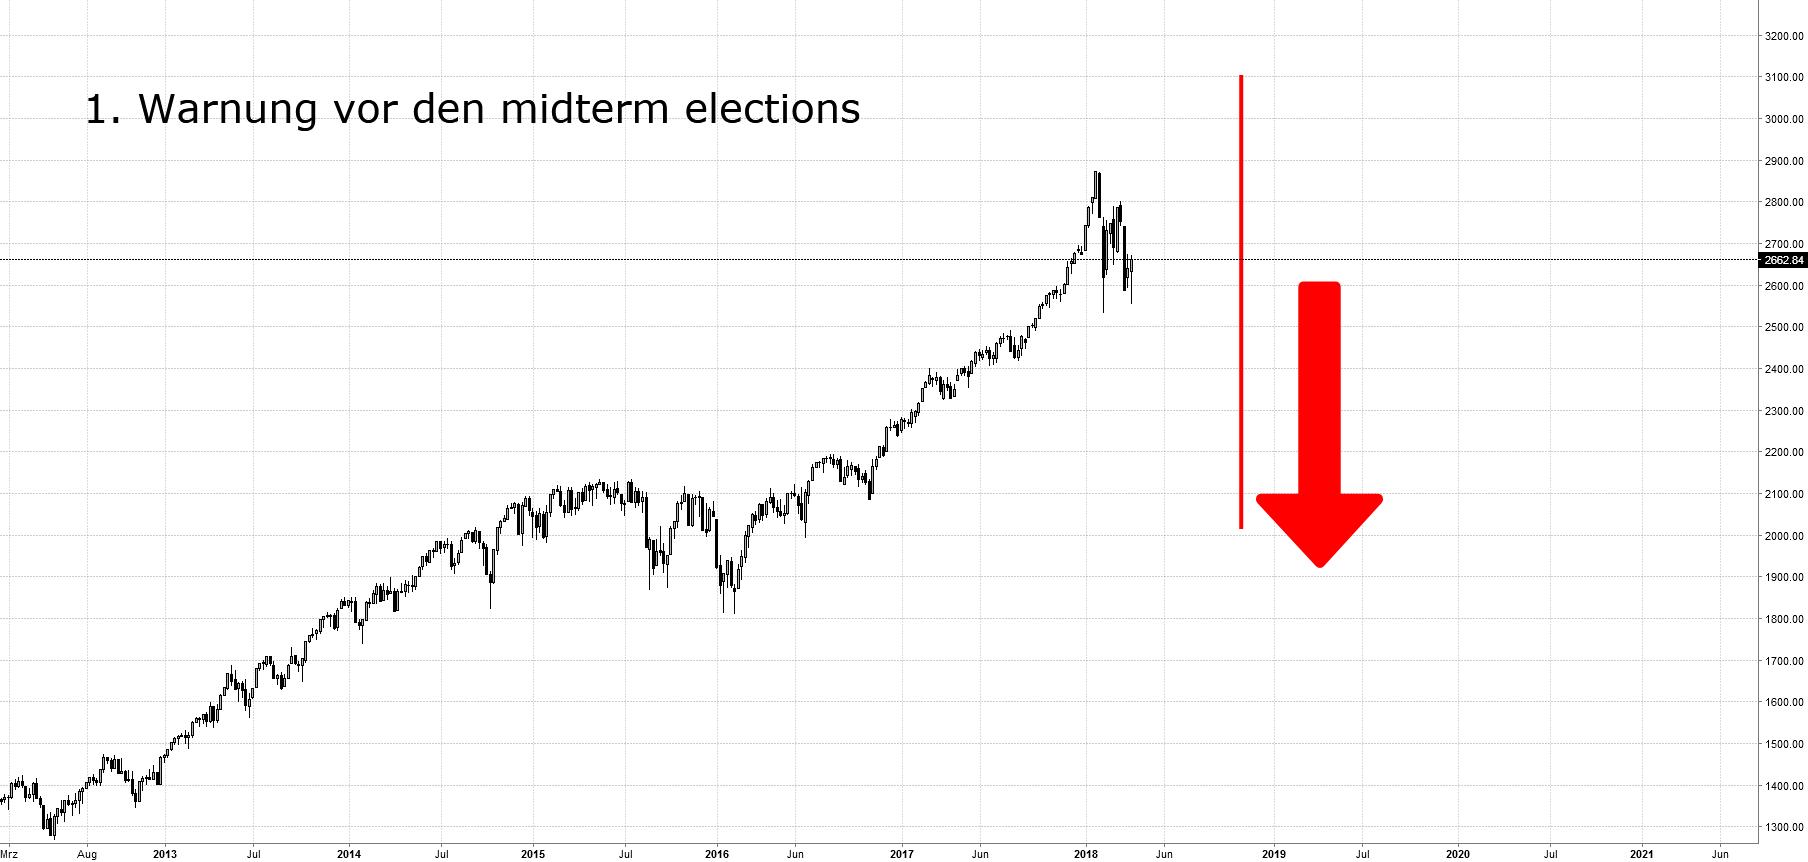 1. Warnung vor den Midterm Elections am 6. November 2018